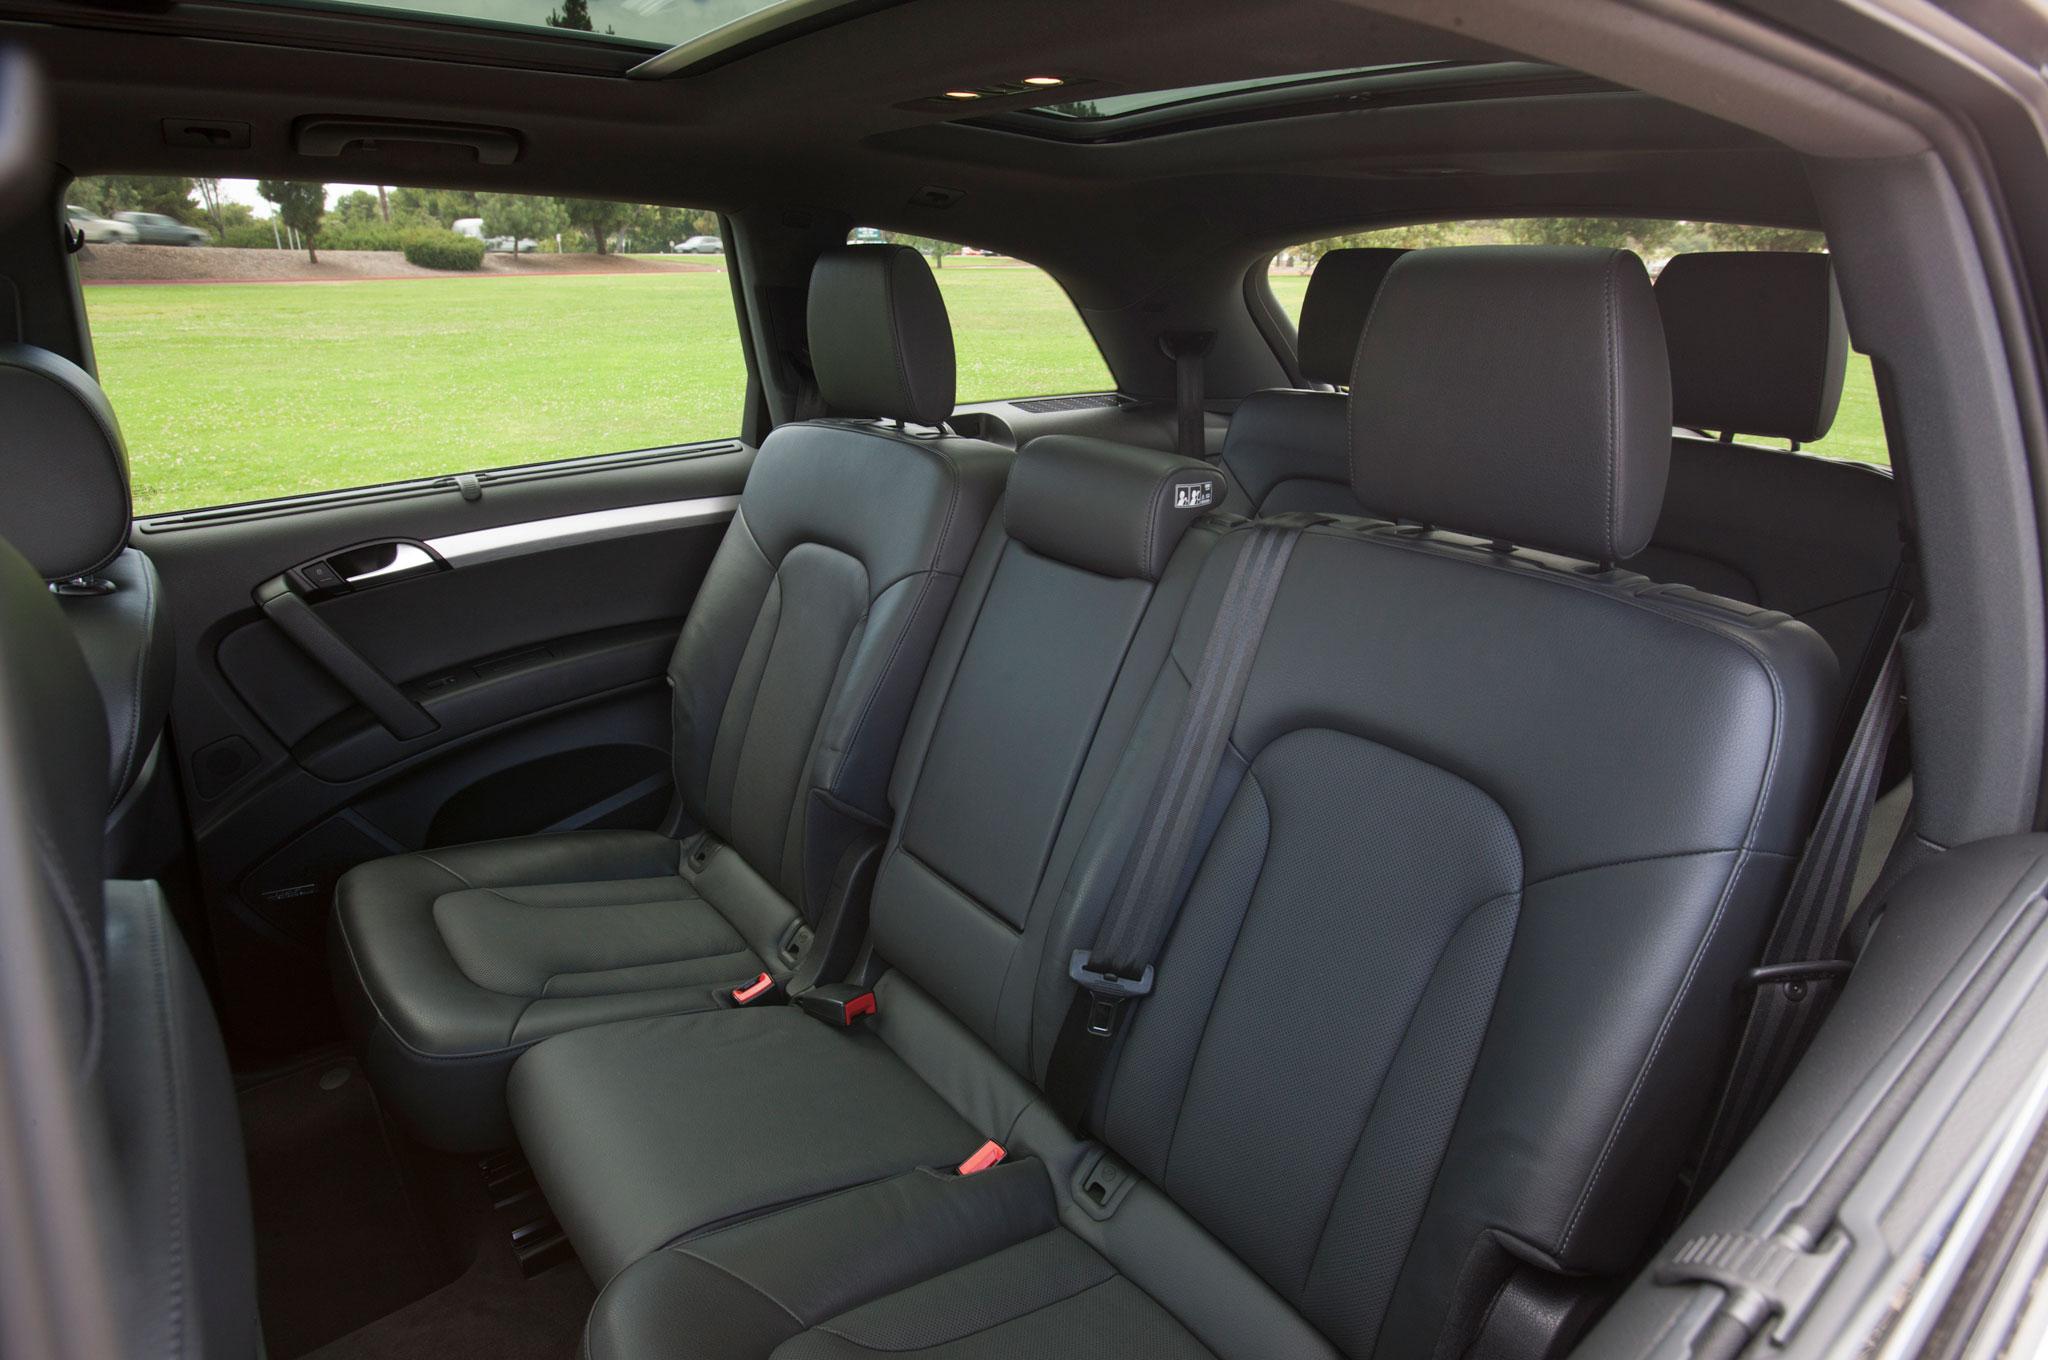 Ces 2013 Audi Q7 Sound Concept Has 24 Speakers Previews